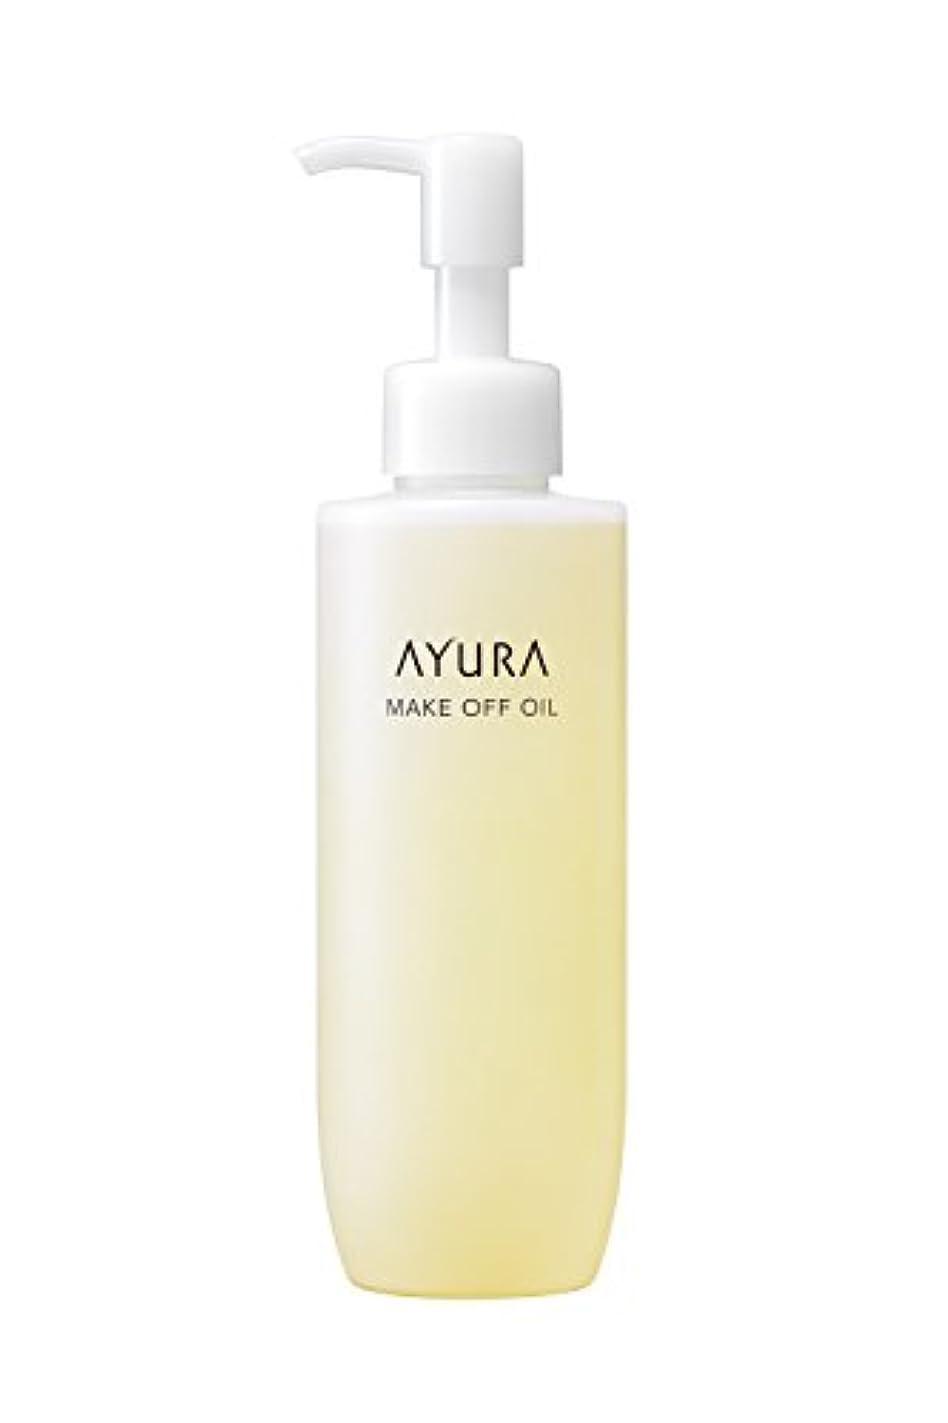 突然の信頼性のあるアスペクトアユーラ (AYURA) メークオフオイル < メイク落とし > 170mL するんとオフするダメージ肌にやさしいオイルタイプ